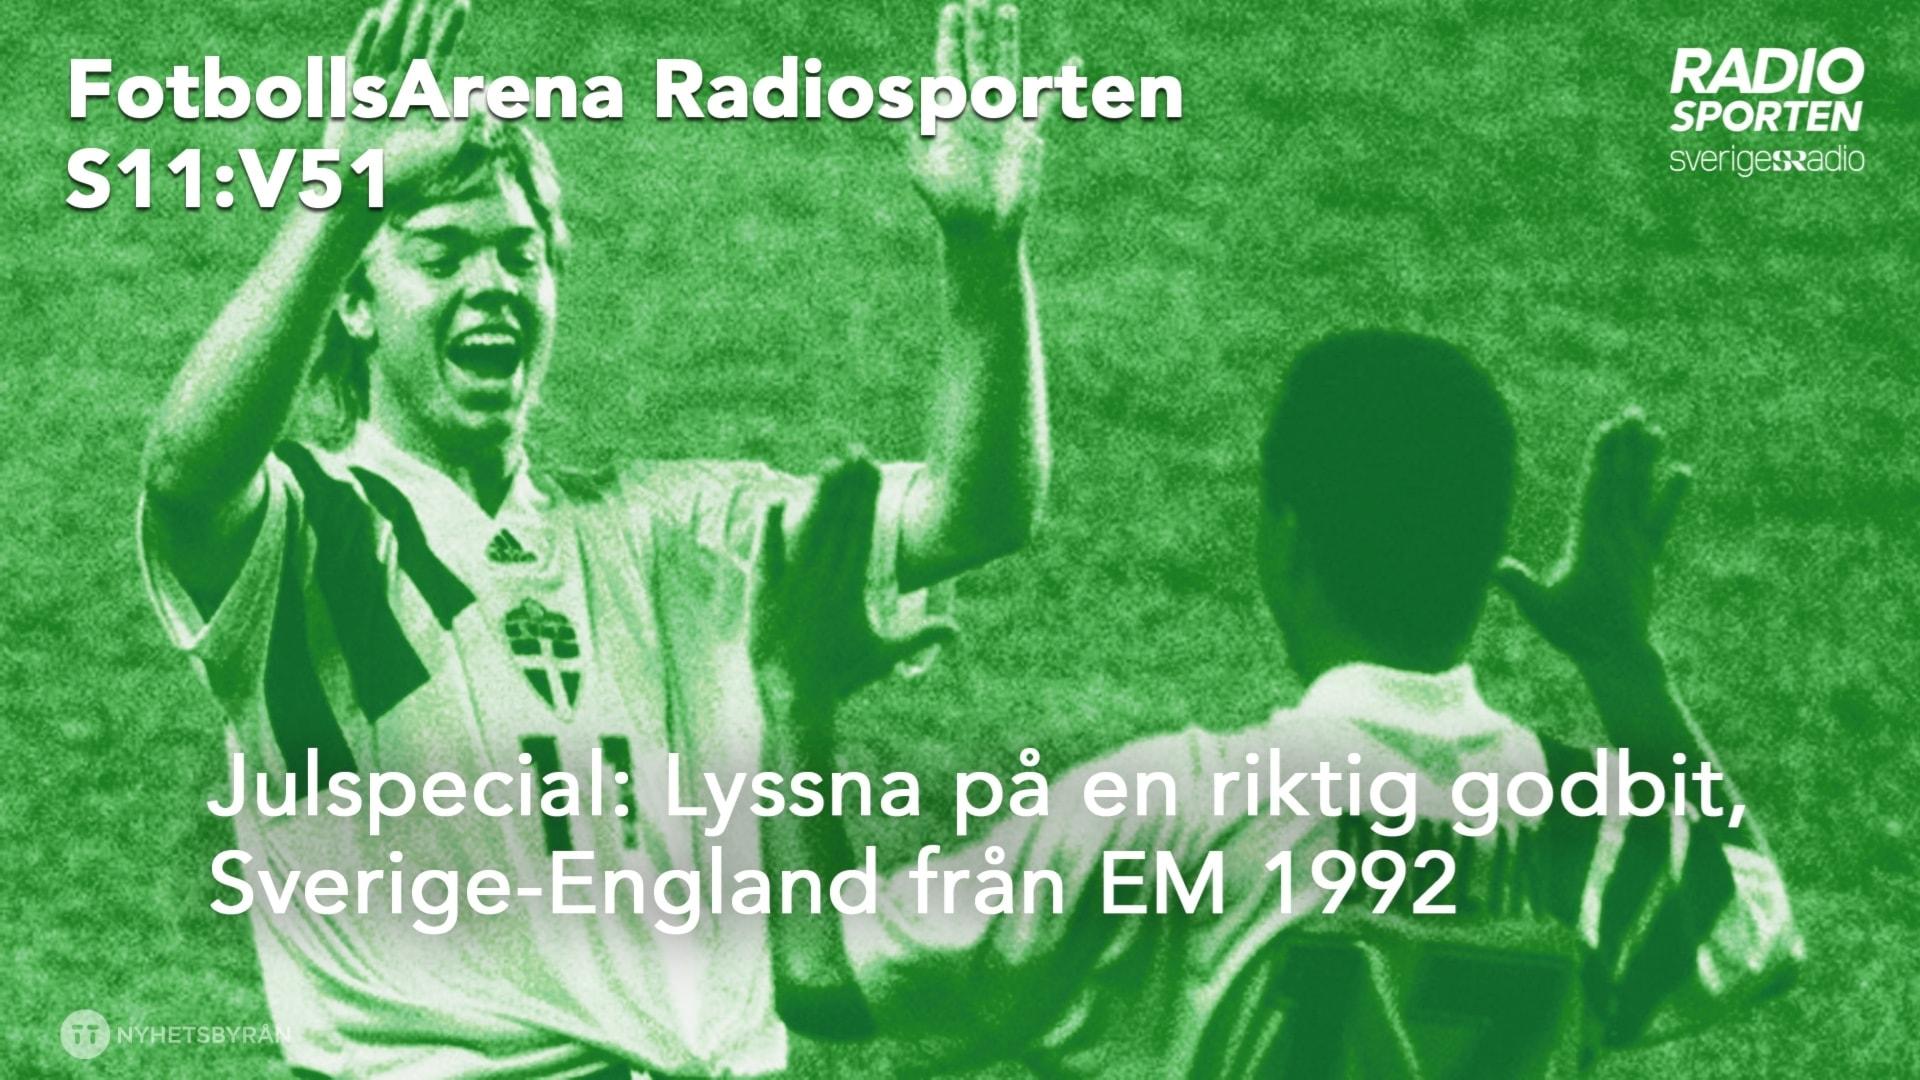 FotbollsArena julspecial: Sverige-England EM 1992